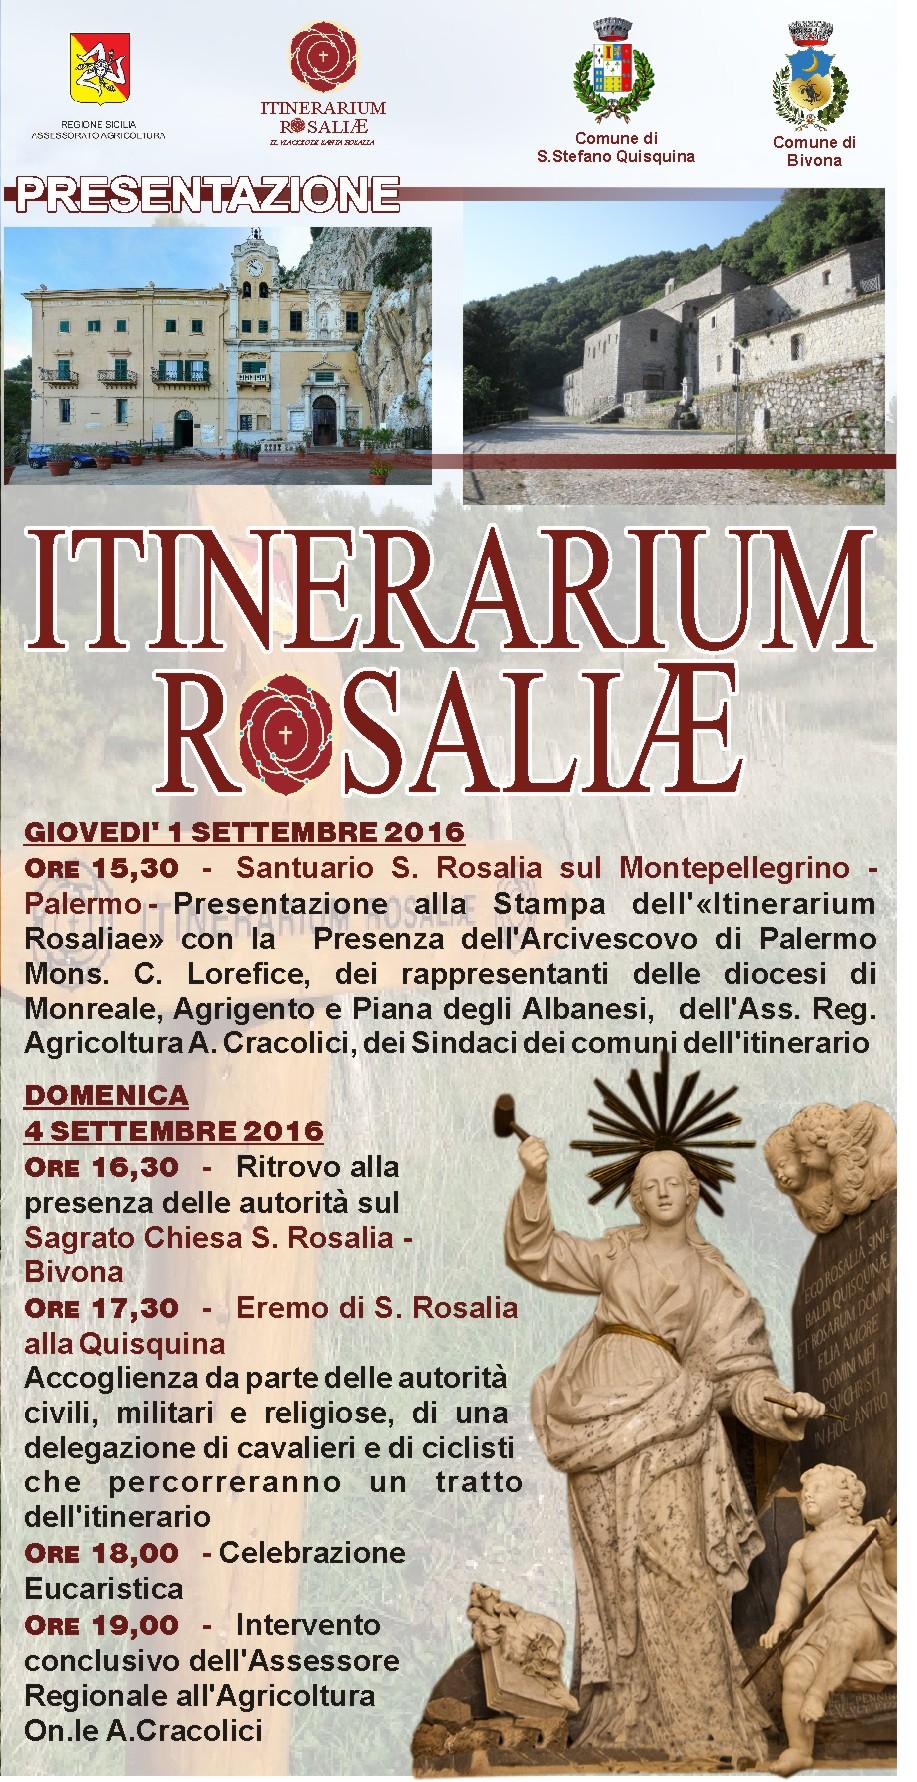 Giovedì 1/9 Santuario Monte Pellegrino - Domenica 4/9 S. Rosalia Santo Stefano